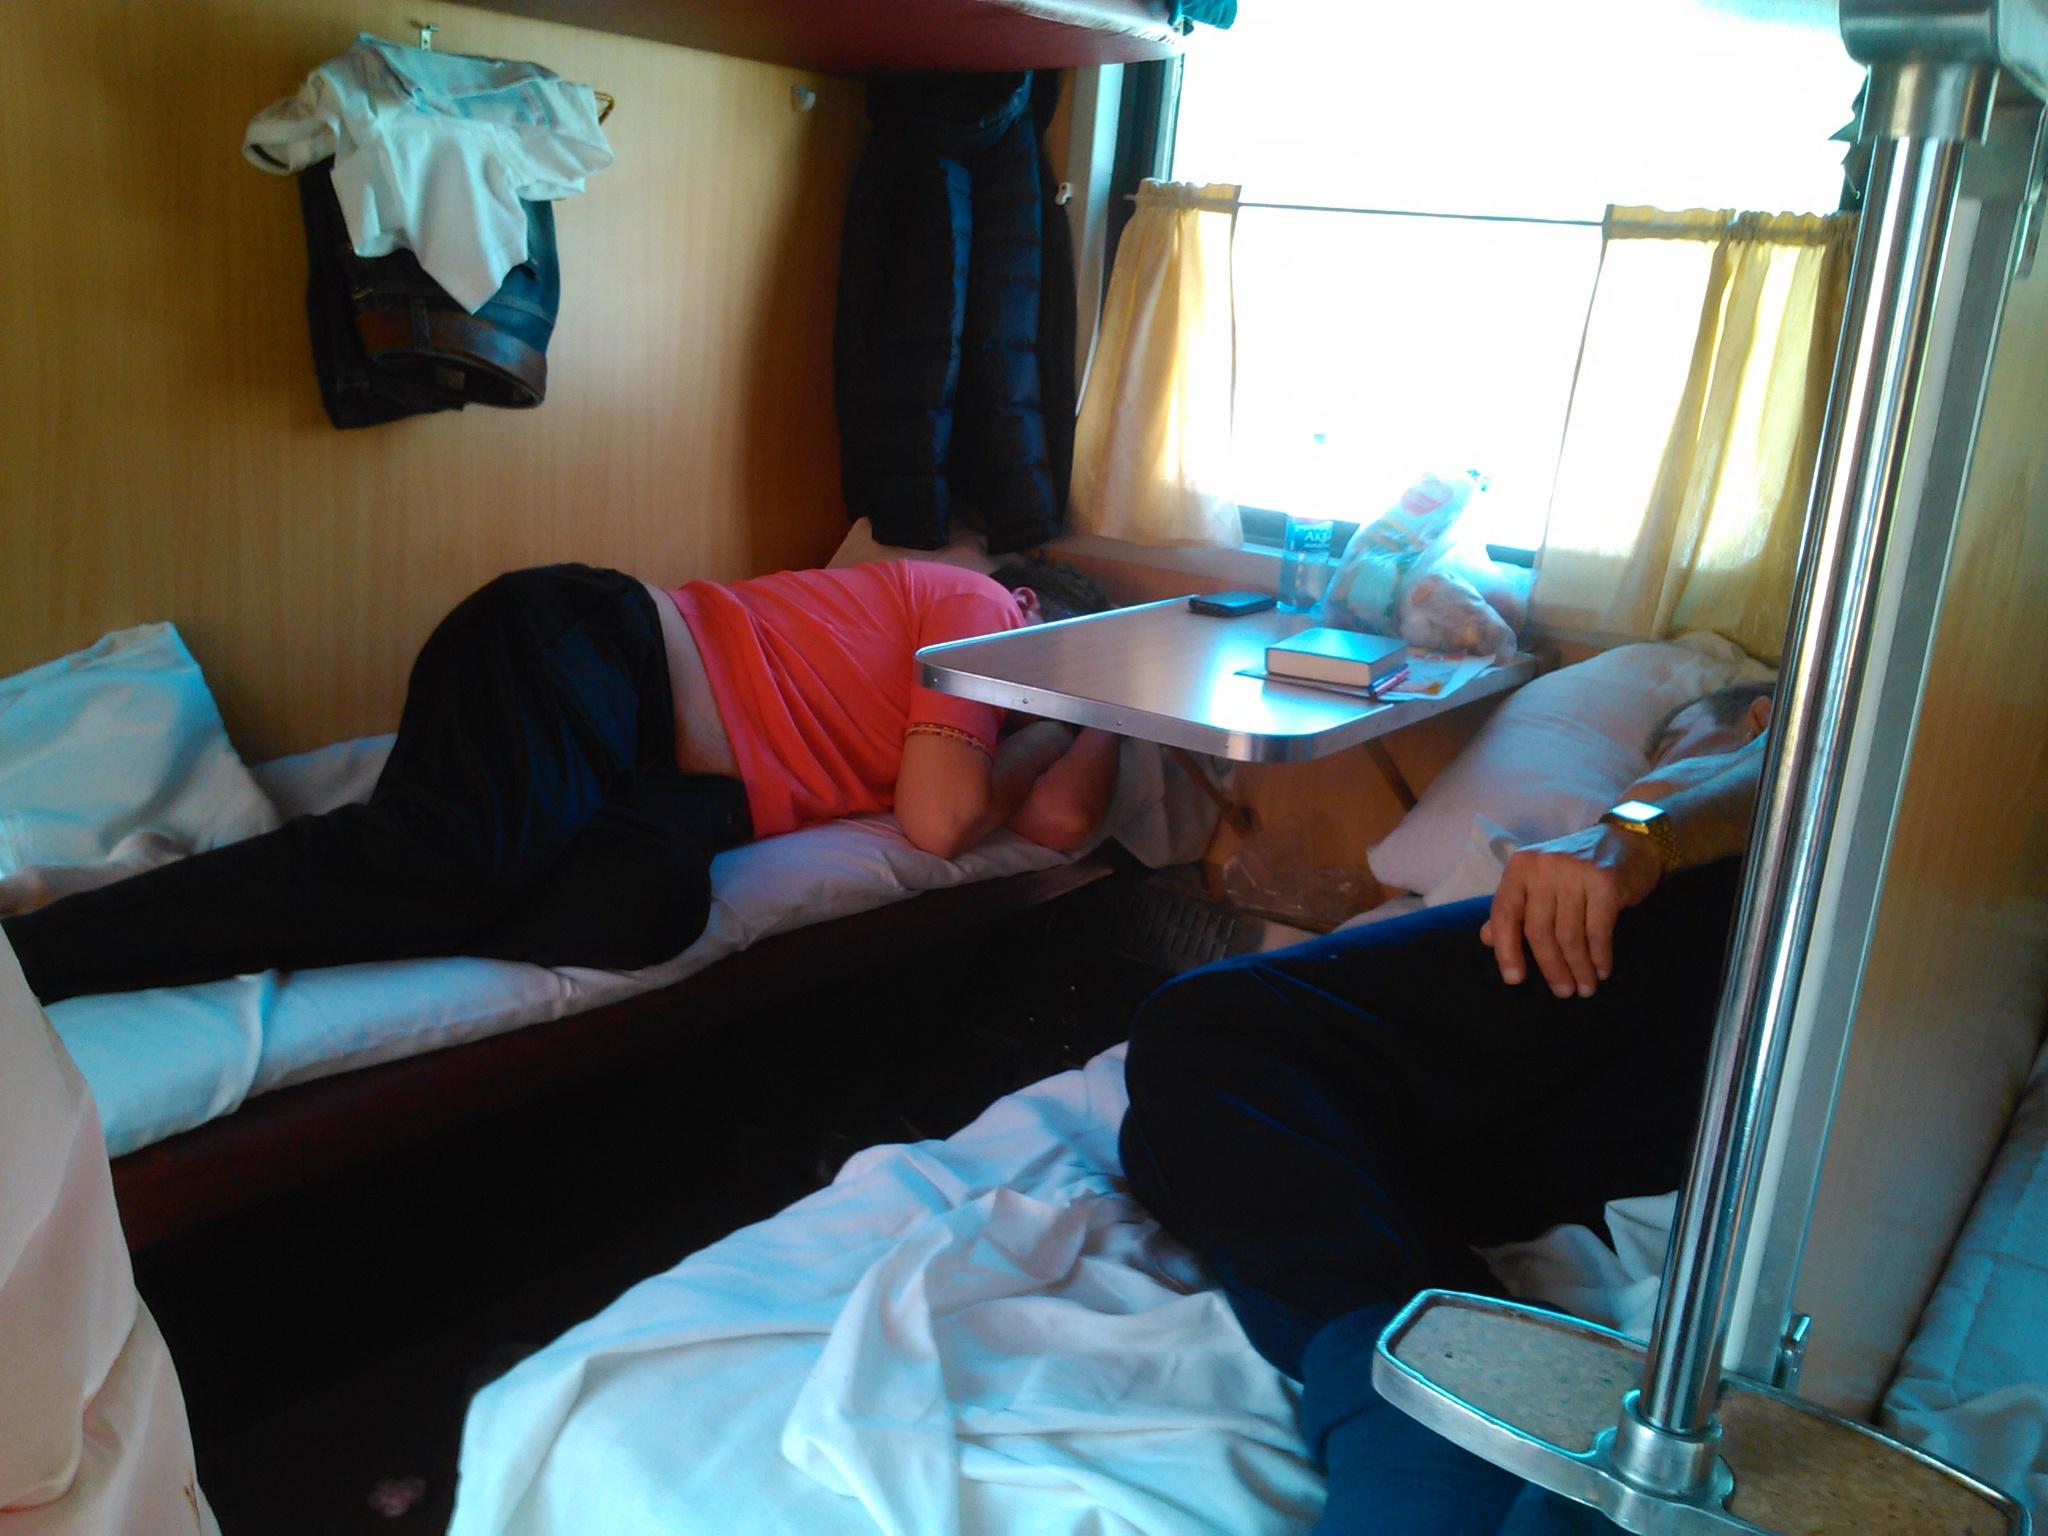 фото сон в поезде правильно подходить